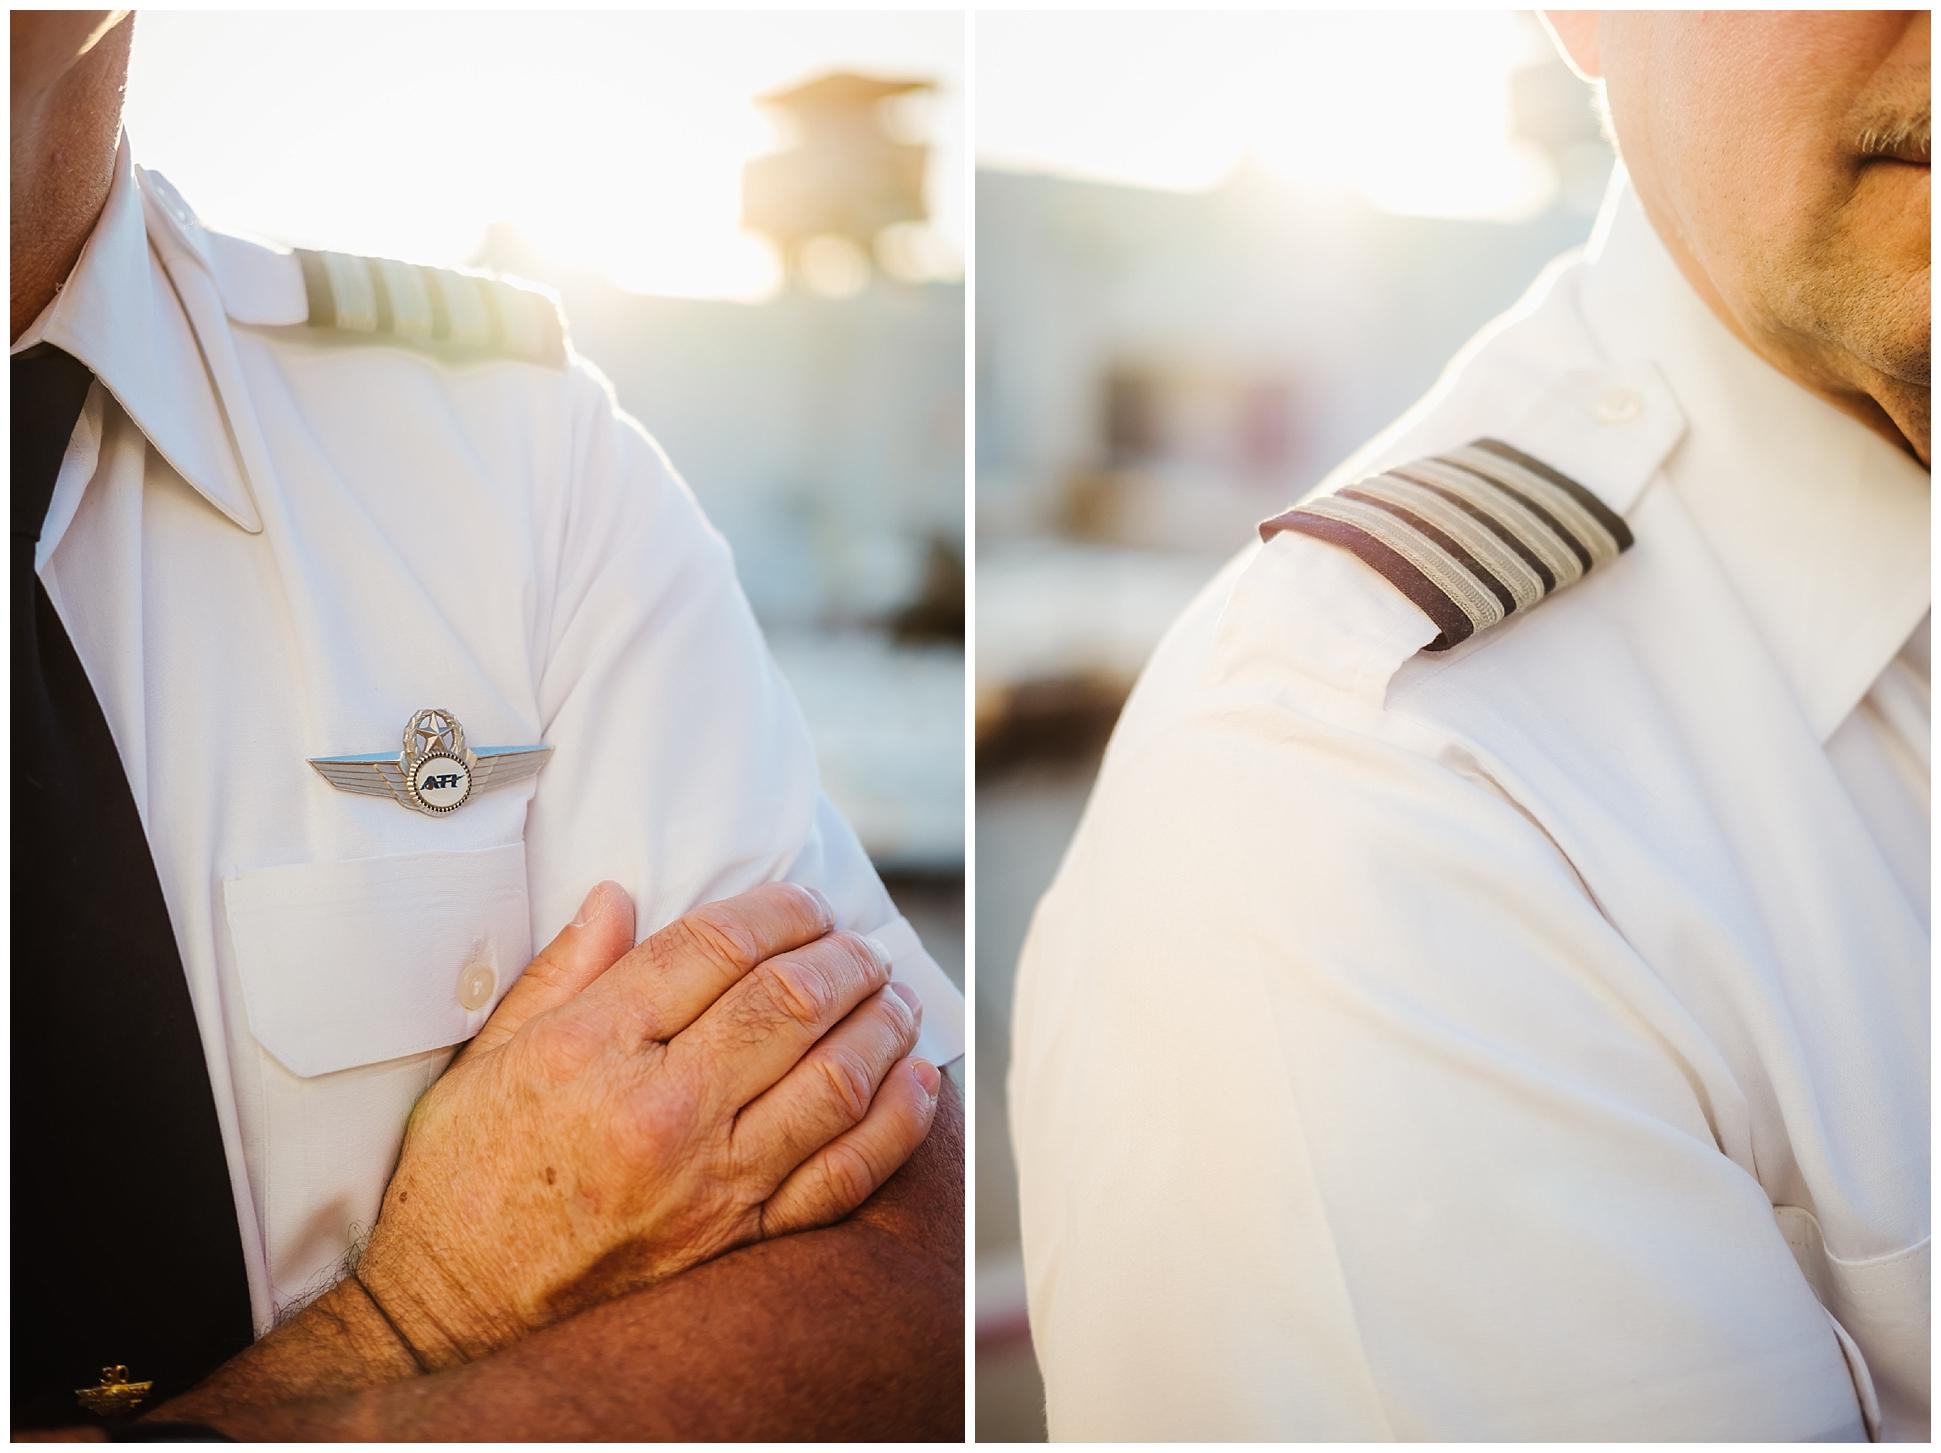 el-capitan-hamon-airline-pilot_8.jpg